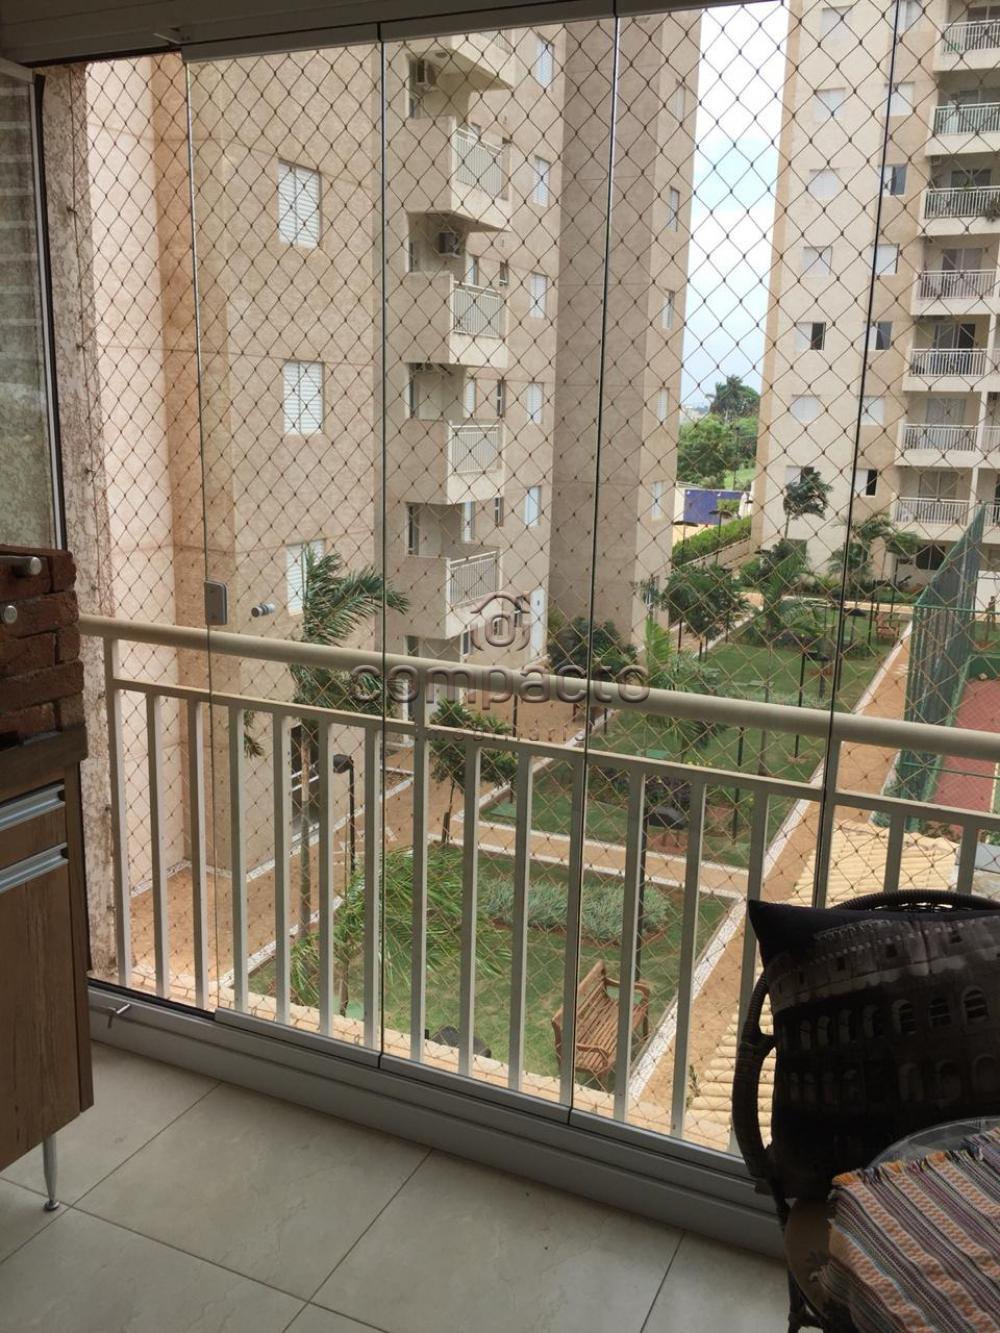 Comprar Apartamento / Padrão em São José do Rio Preto apenas R$ 370.000,00 - Foto 5